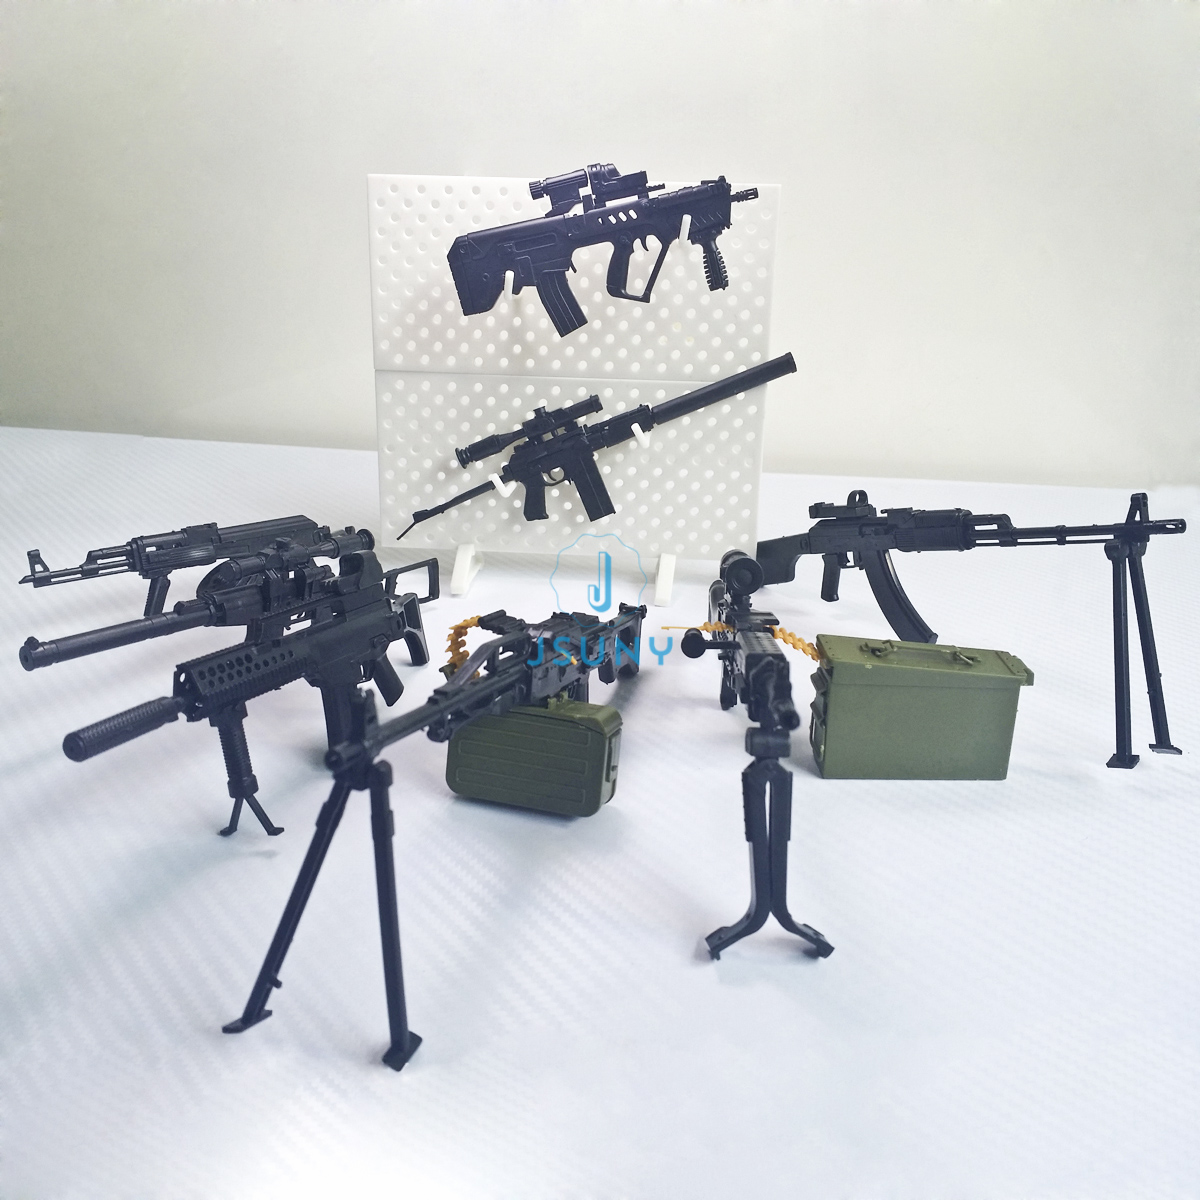 1//6 Middle West Army Action Figures Model Gun Weapon Firearm Set AKM AK47 M16